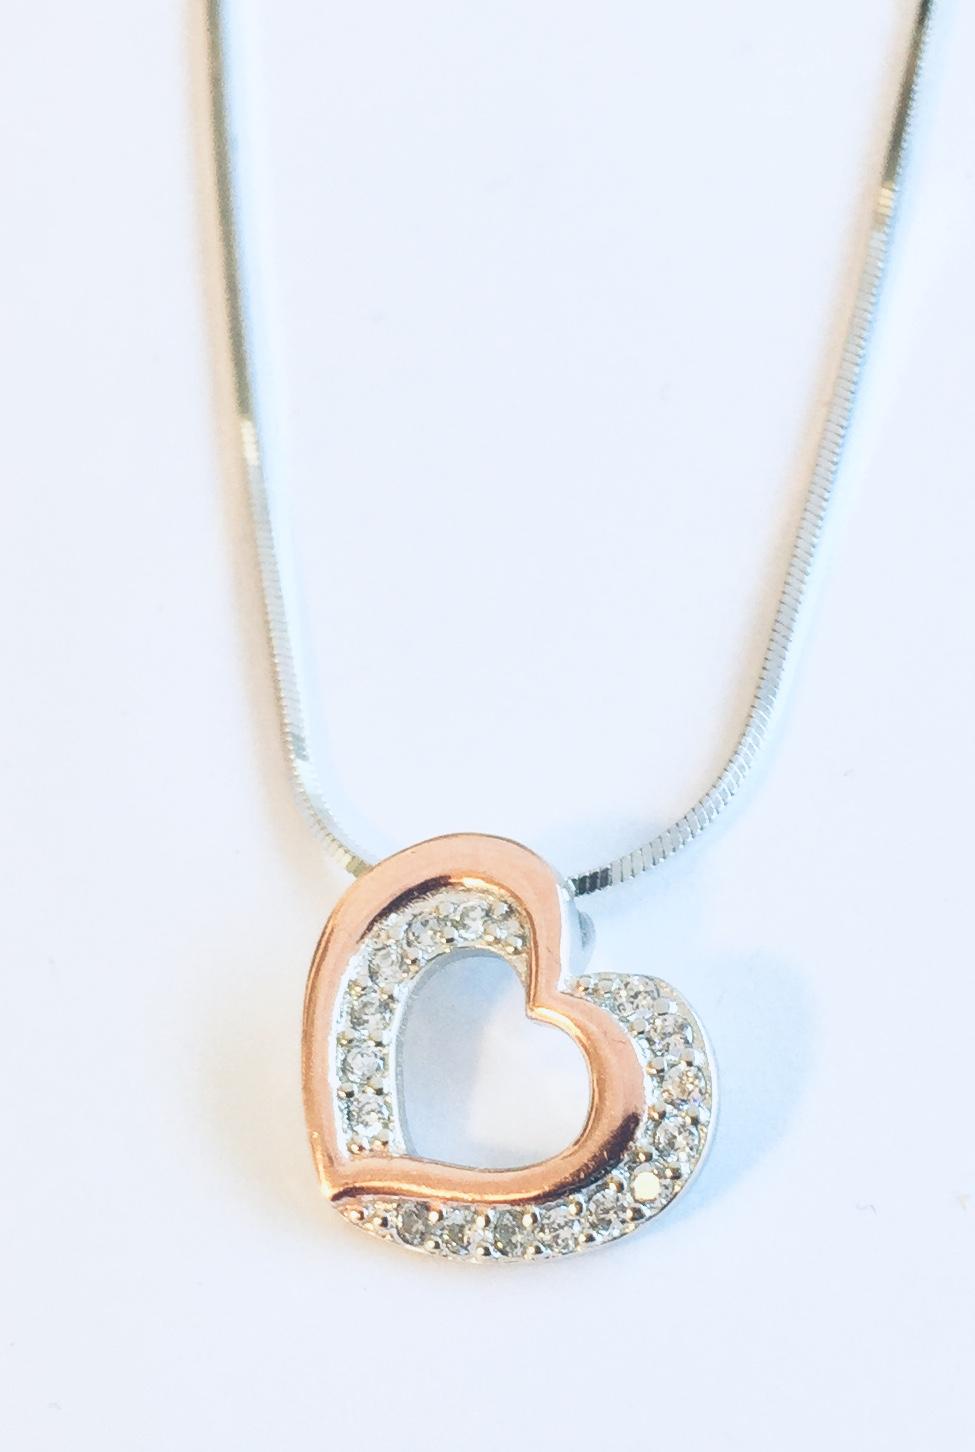 Hjerte rh.sølv m/zirconer og rosè glatt hjerte